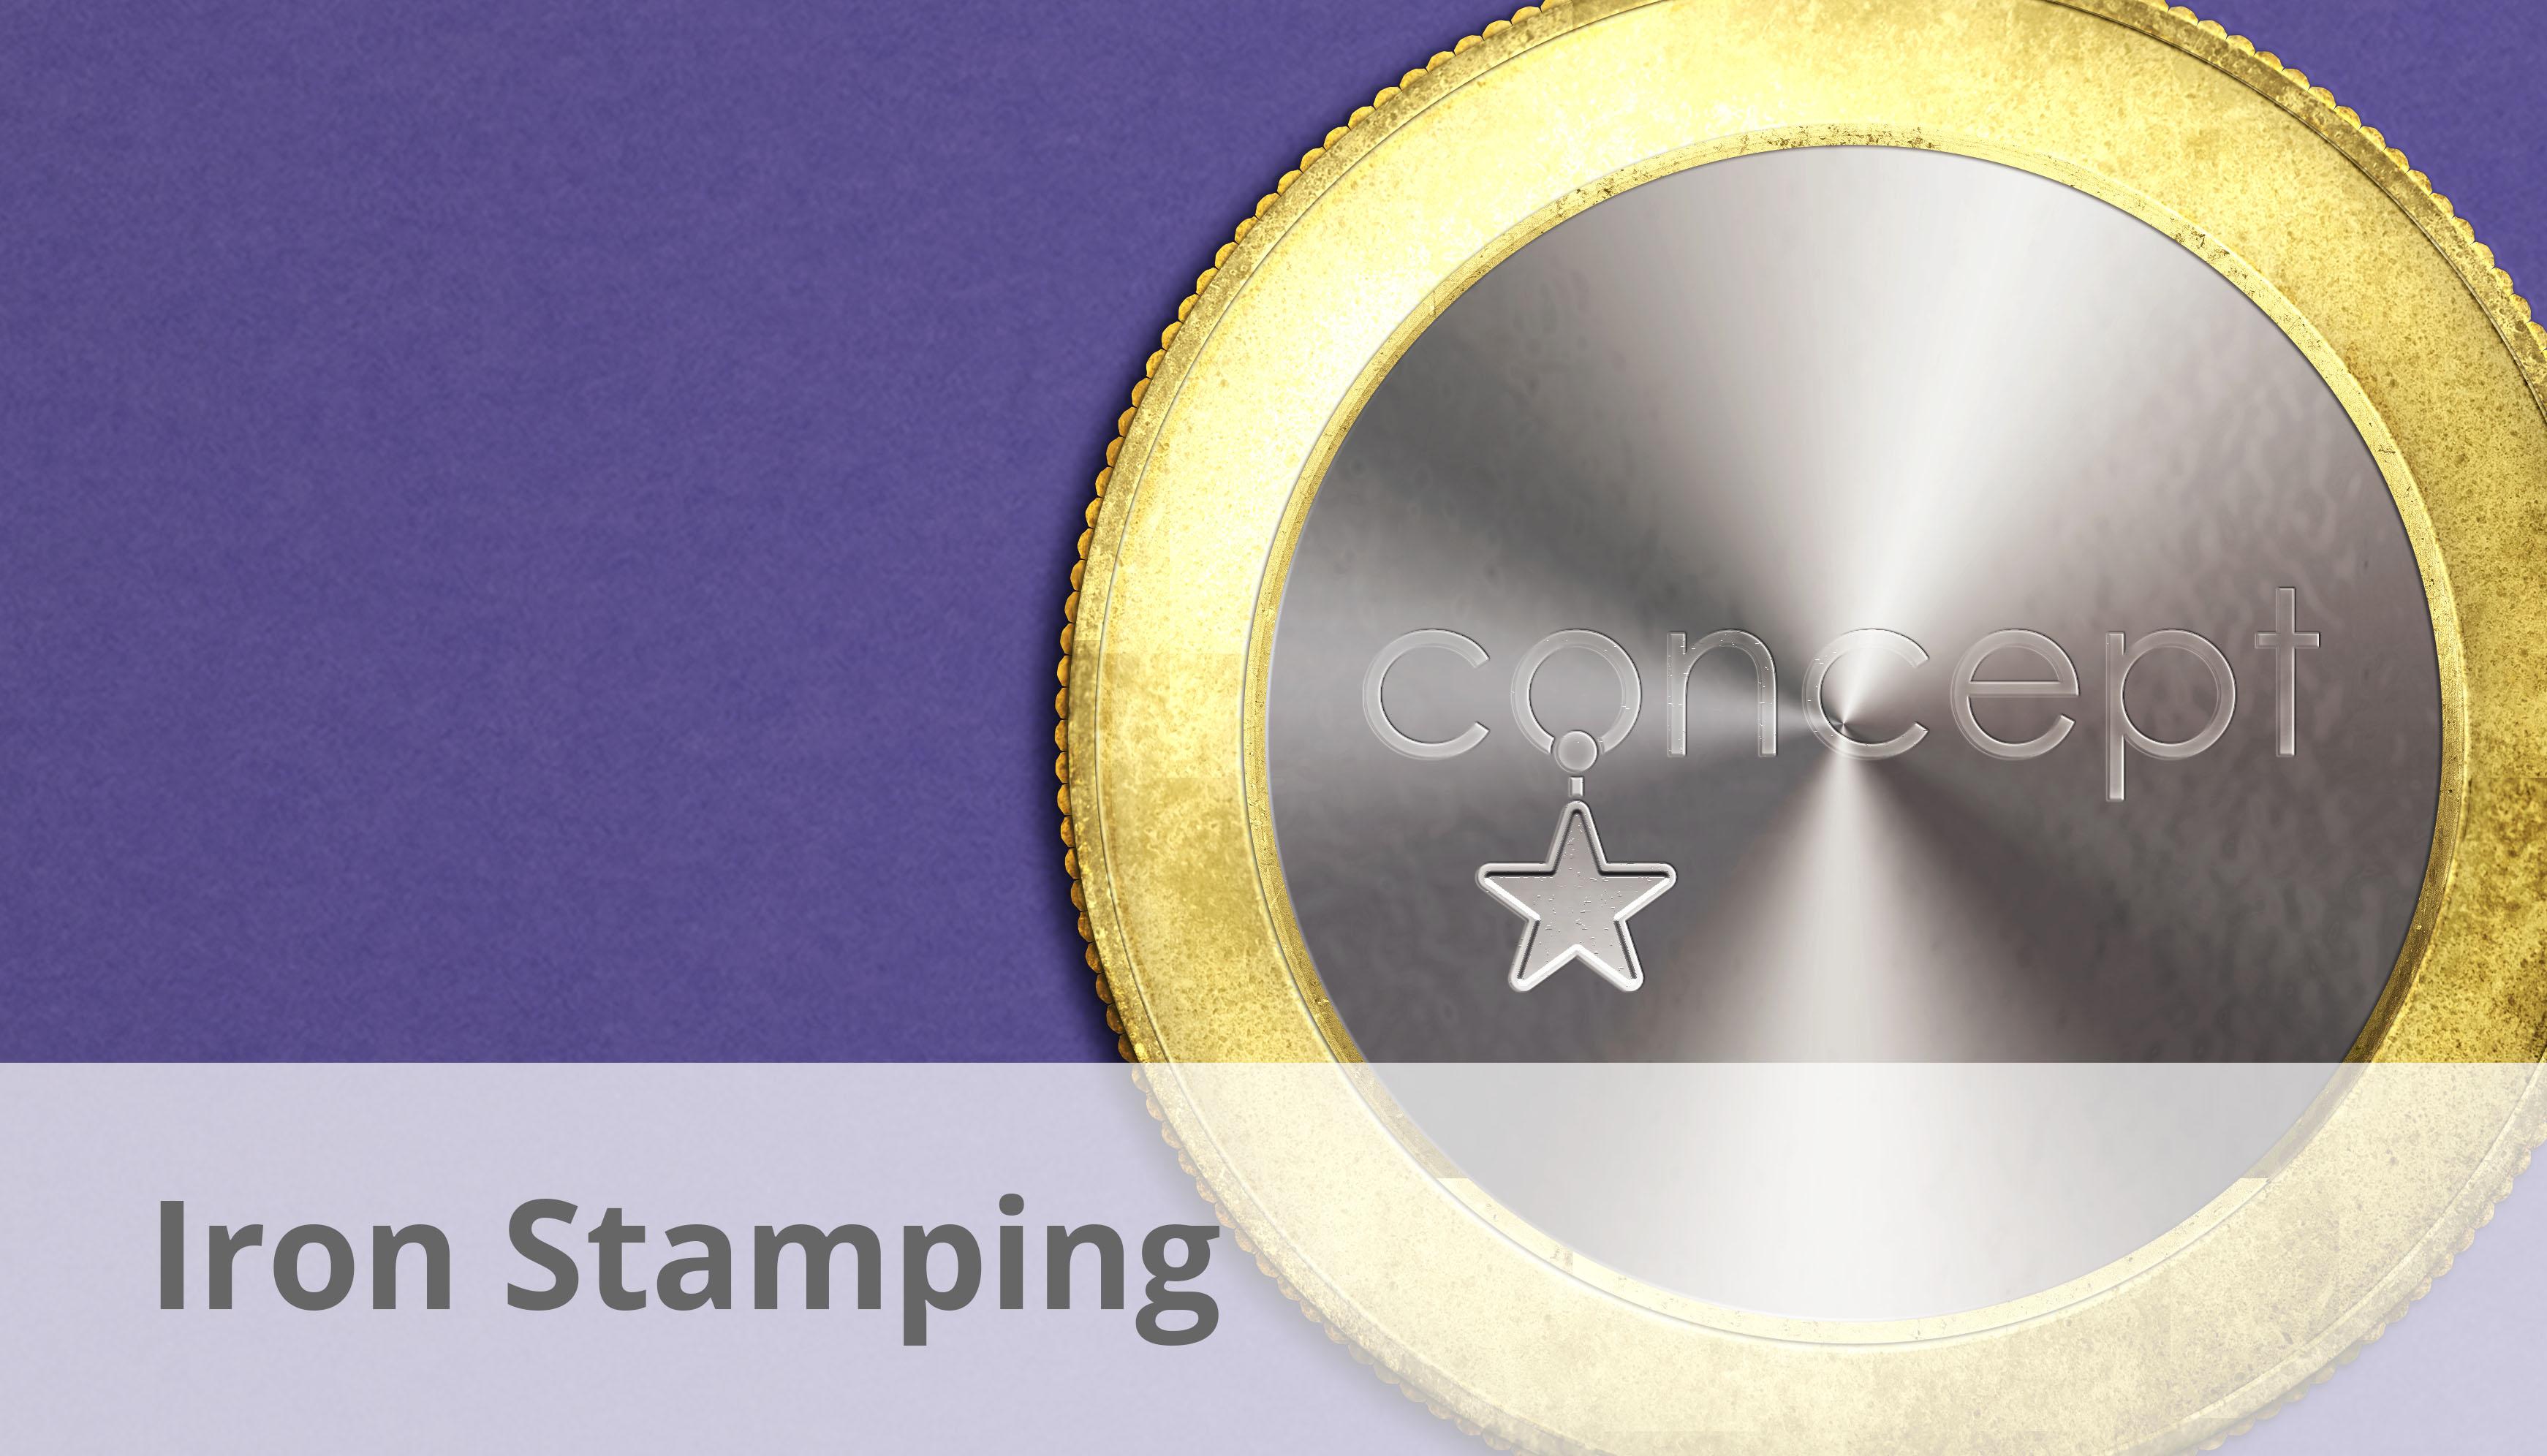 Iron Stamping